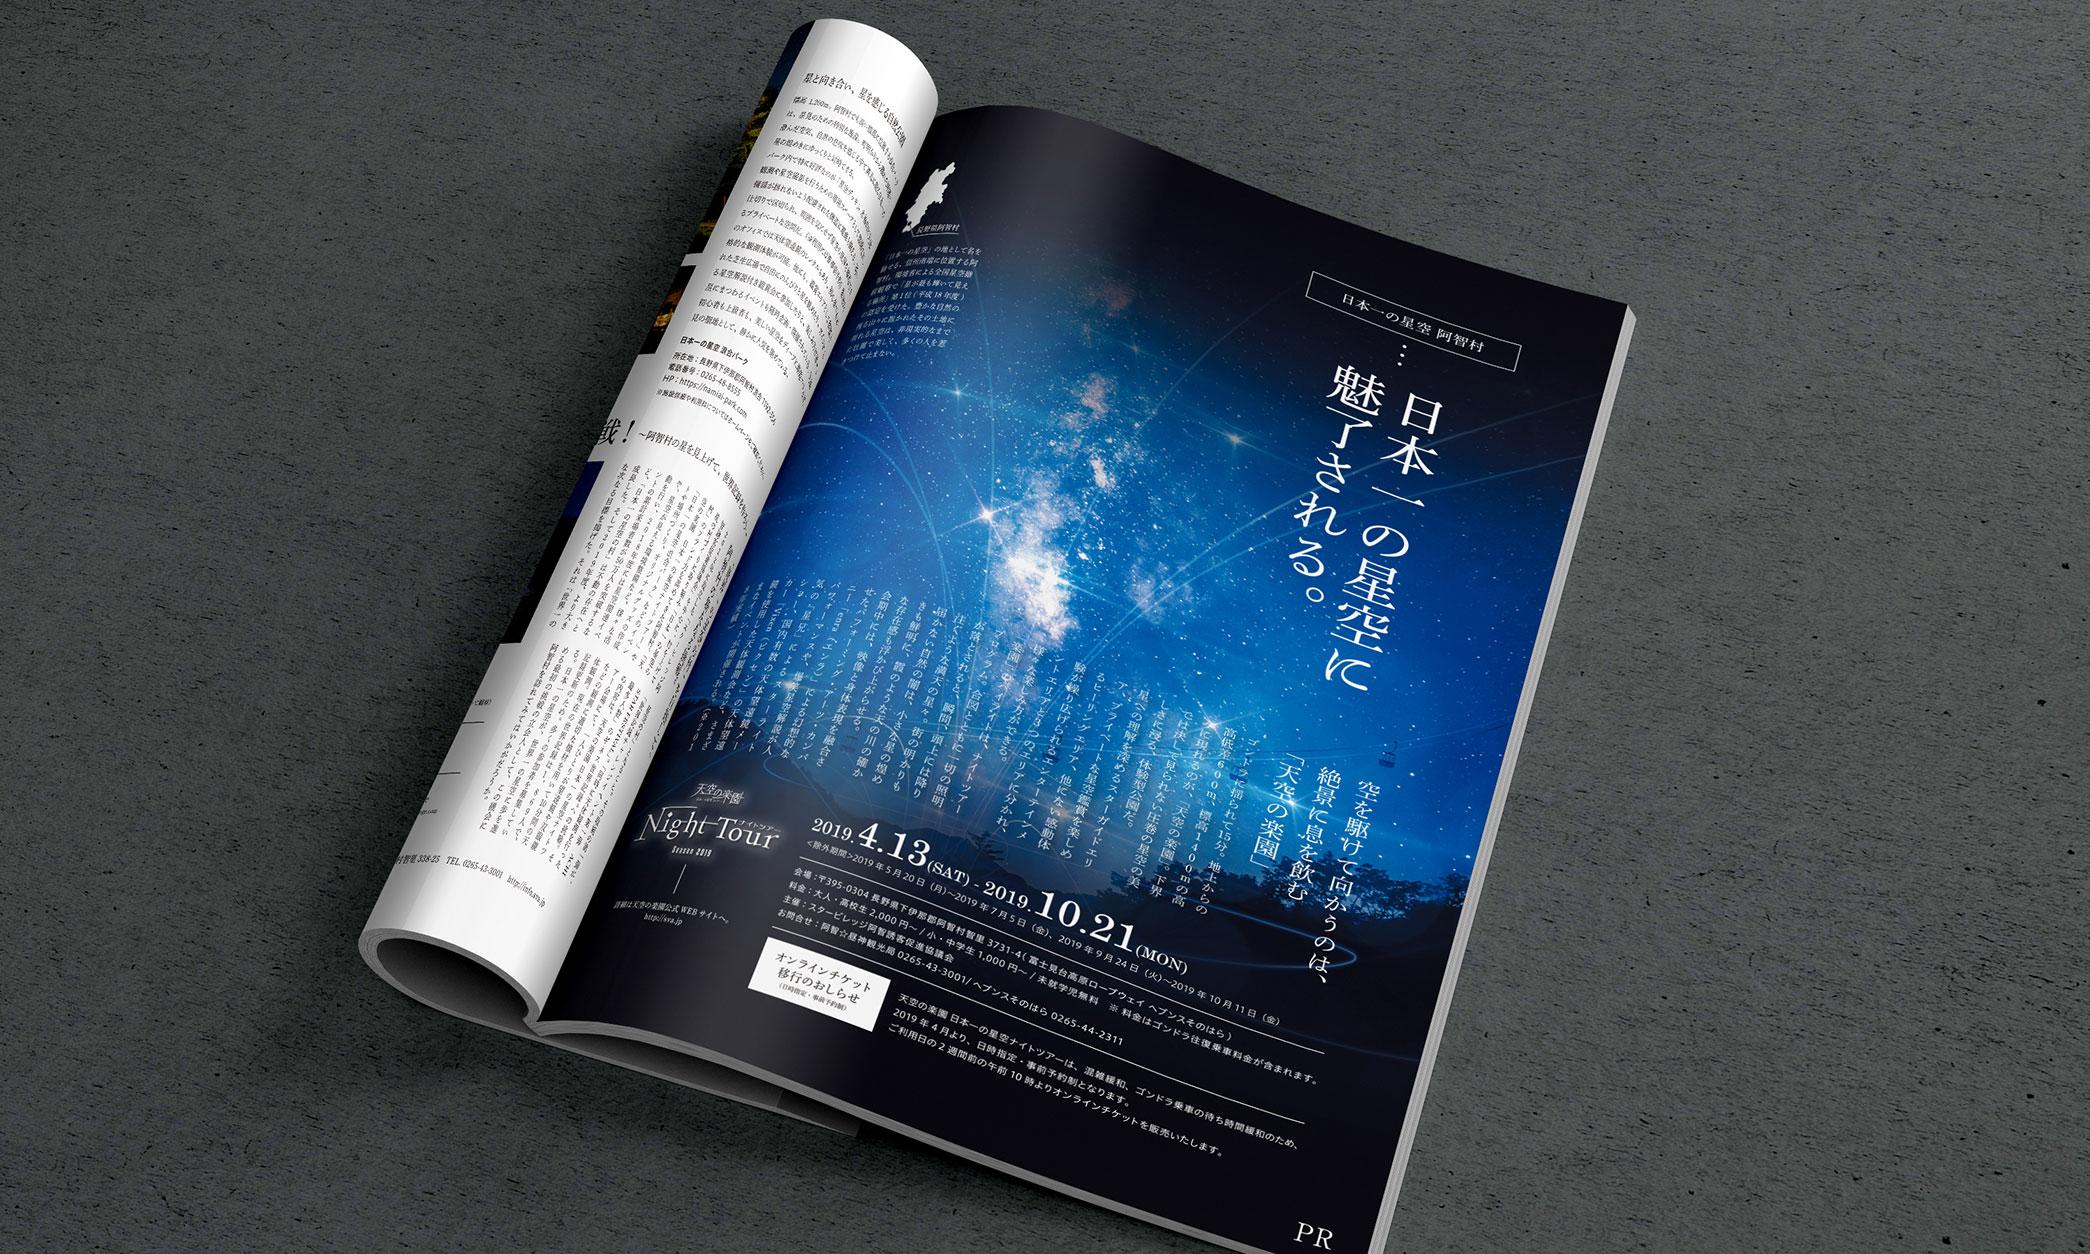 雑誌等広告デザイン|長野(長野市・松本市)・東京・金沢(石川)のデザイン事務所 アプリコットデザイン